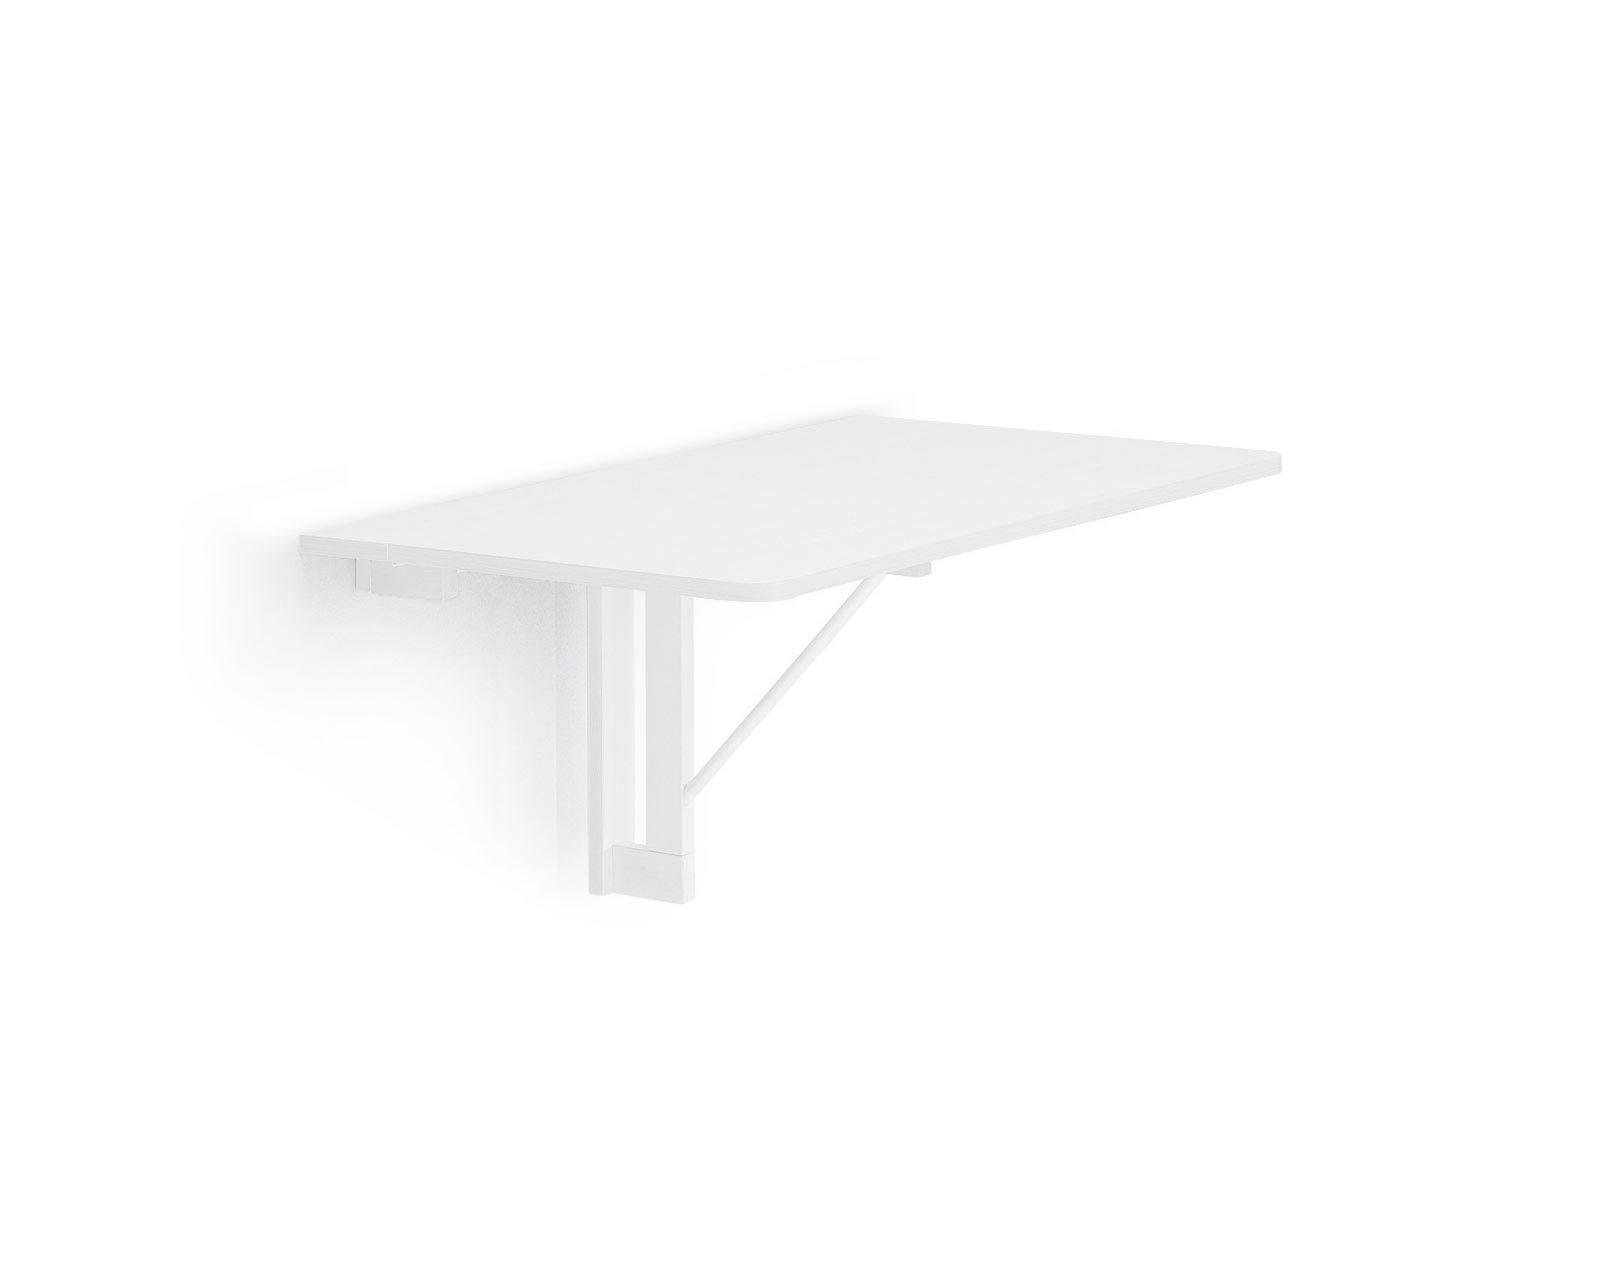 Prezzi Tavoli Pieghevoli Ikea Tavolo Da Parete Ikea Canlic